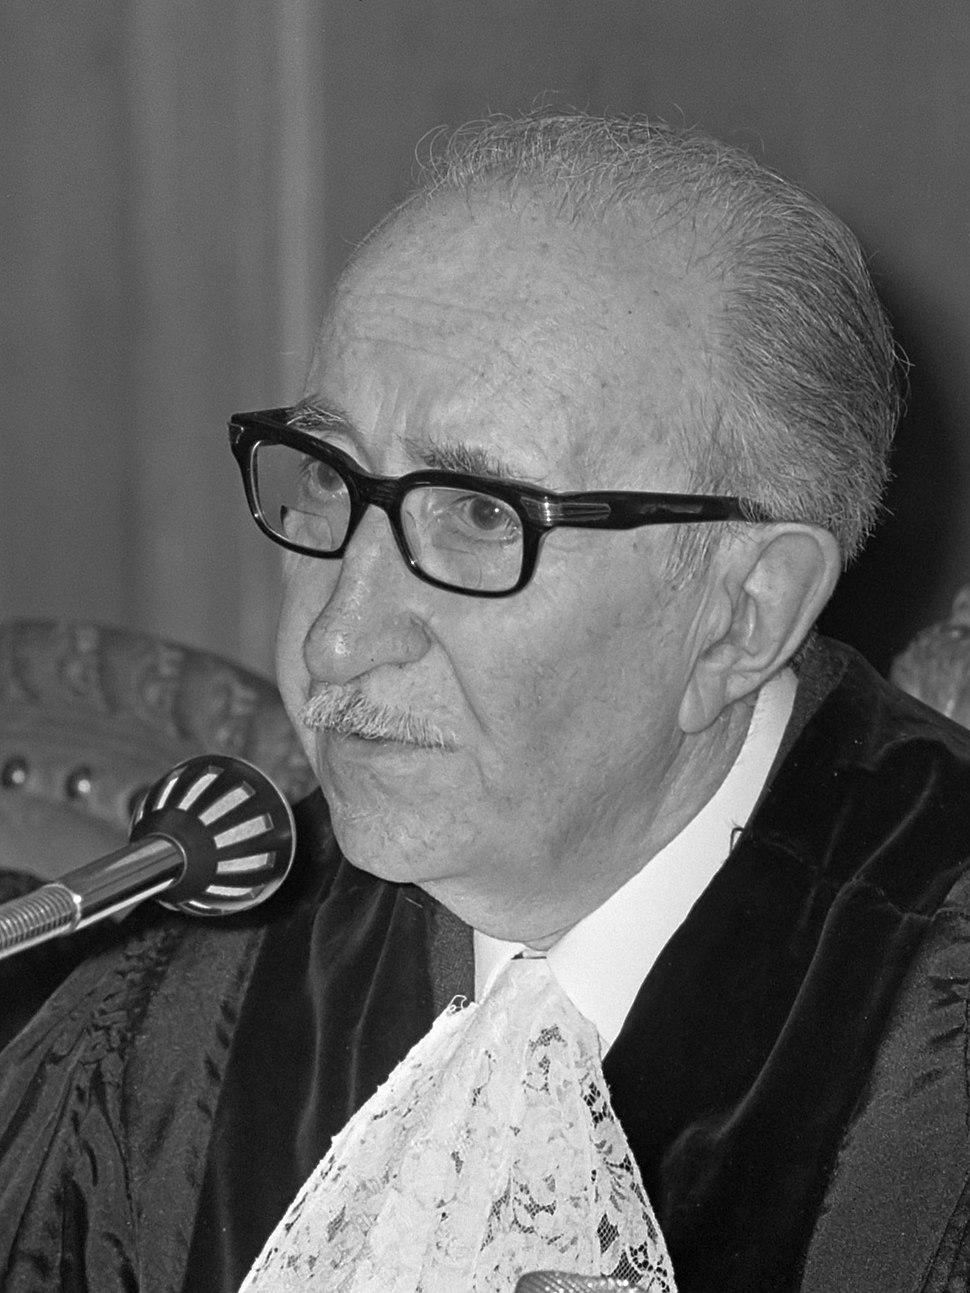 José Luis Bustamante y Rivero (1968)